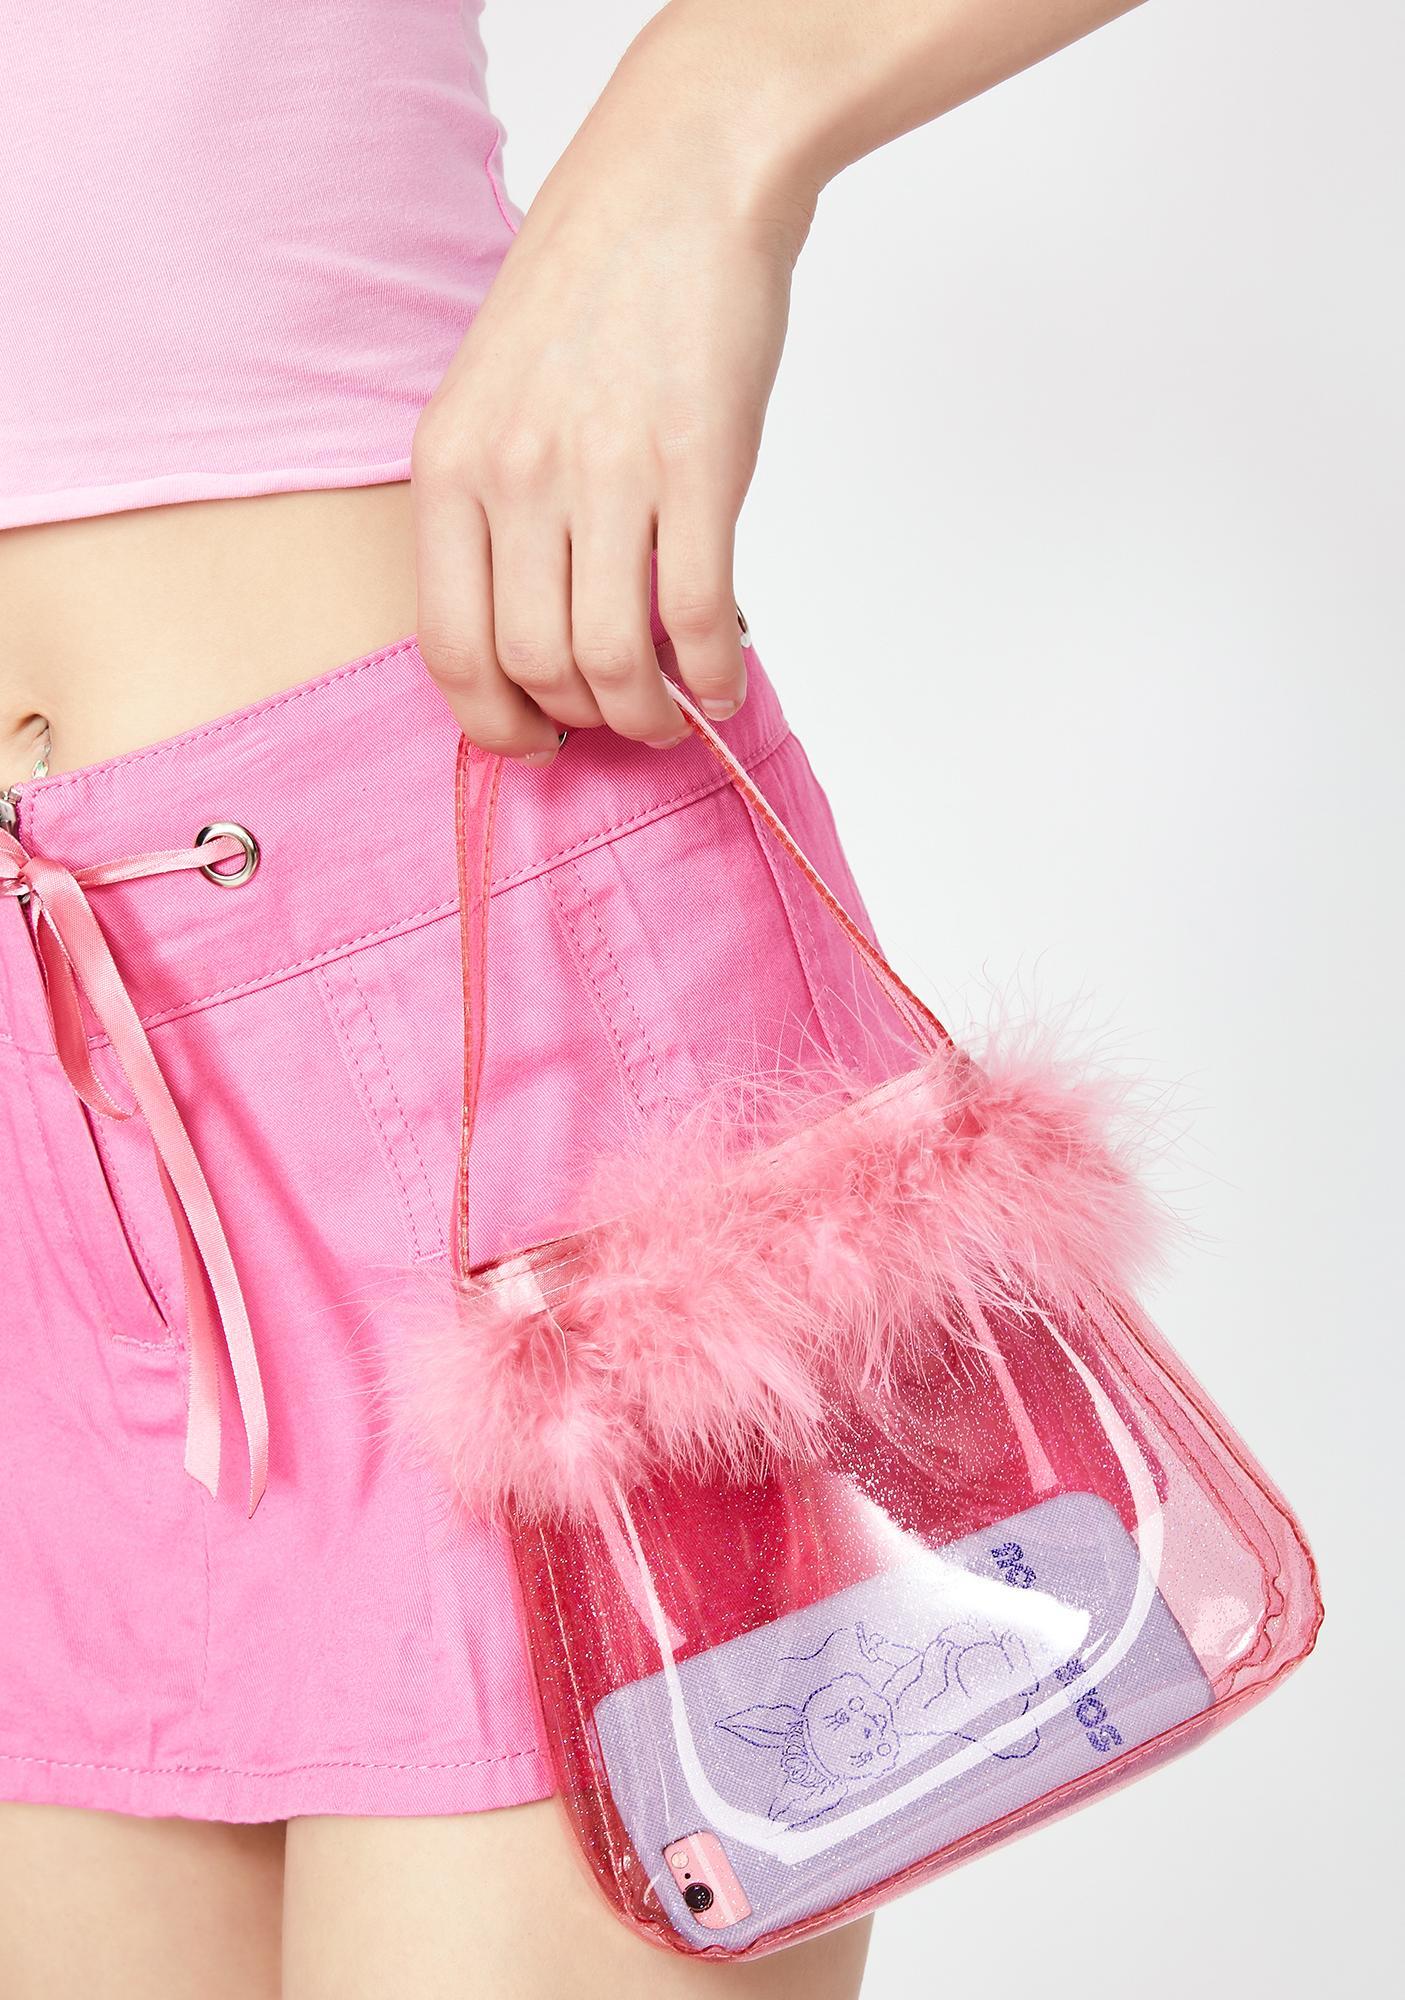 Sugar Thrillz Loves It Clear Handbag